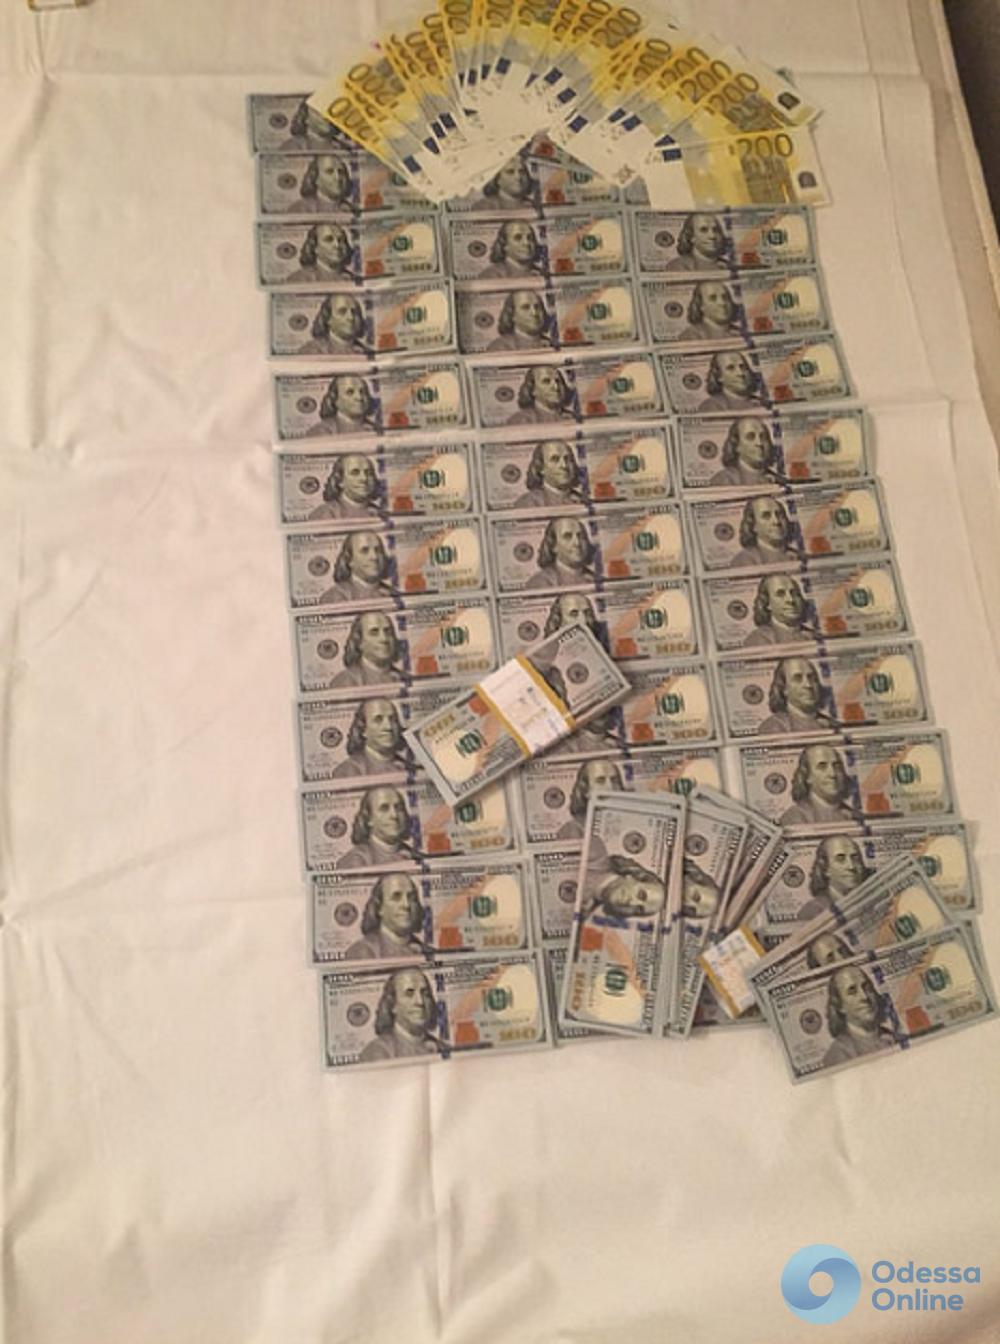 Заменяли пачки денег «куклами»: в Одессе задержали фальшивомонетчиков